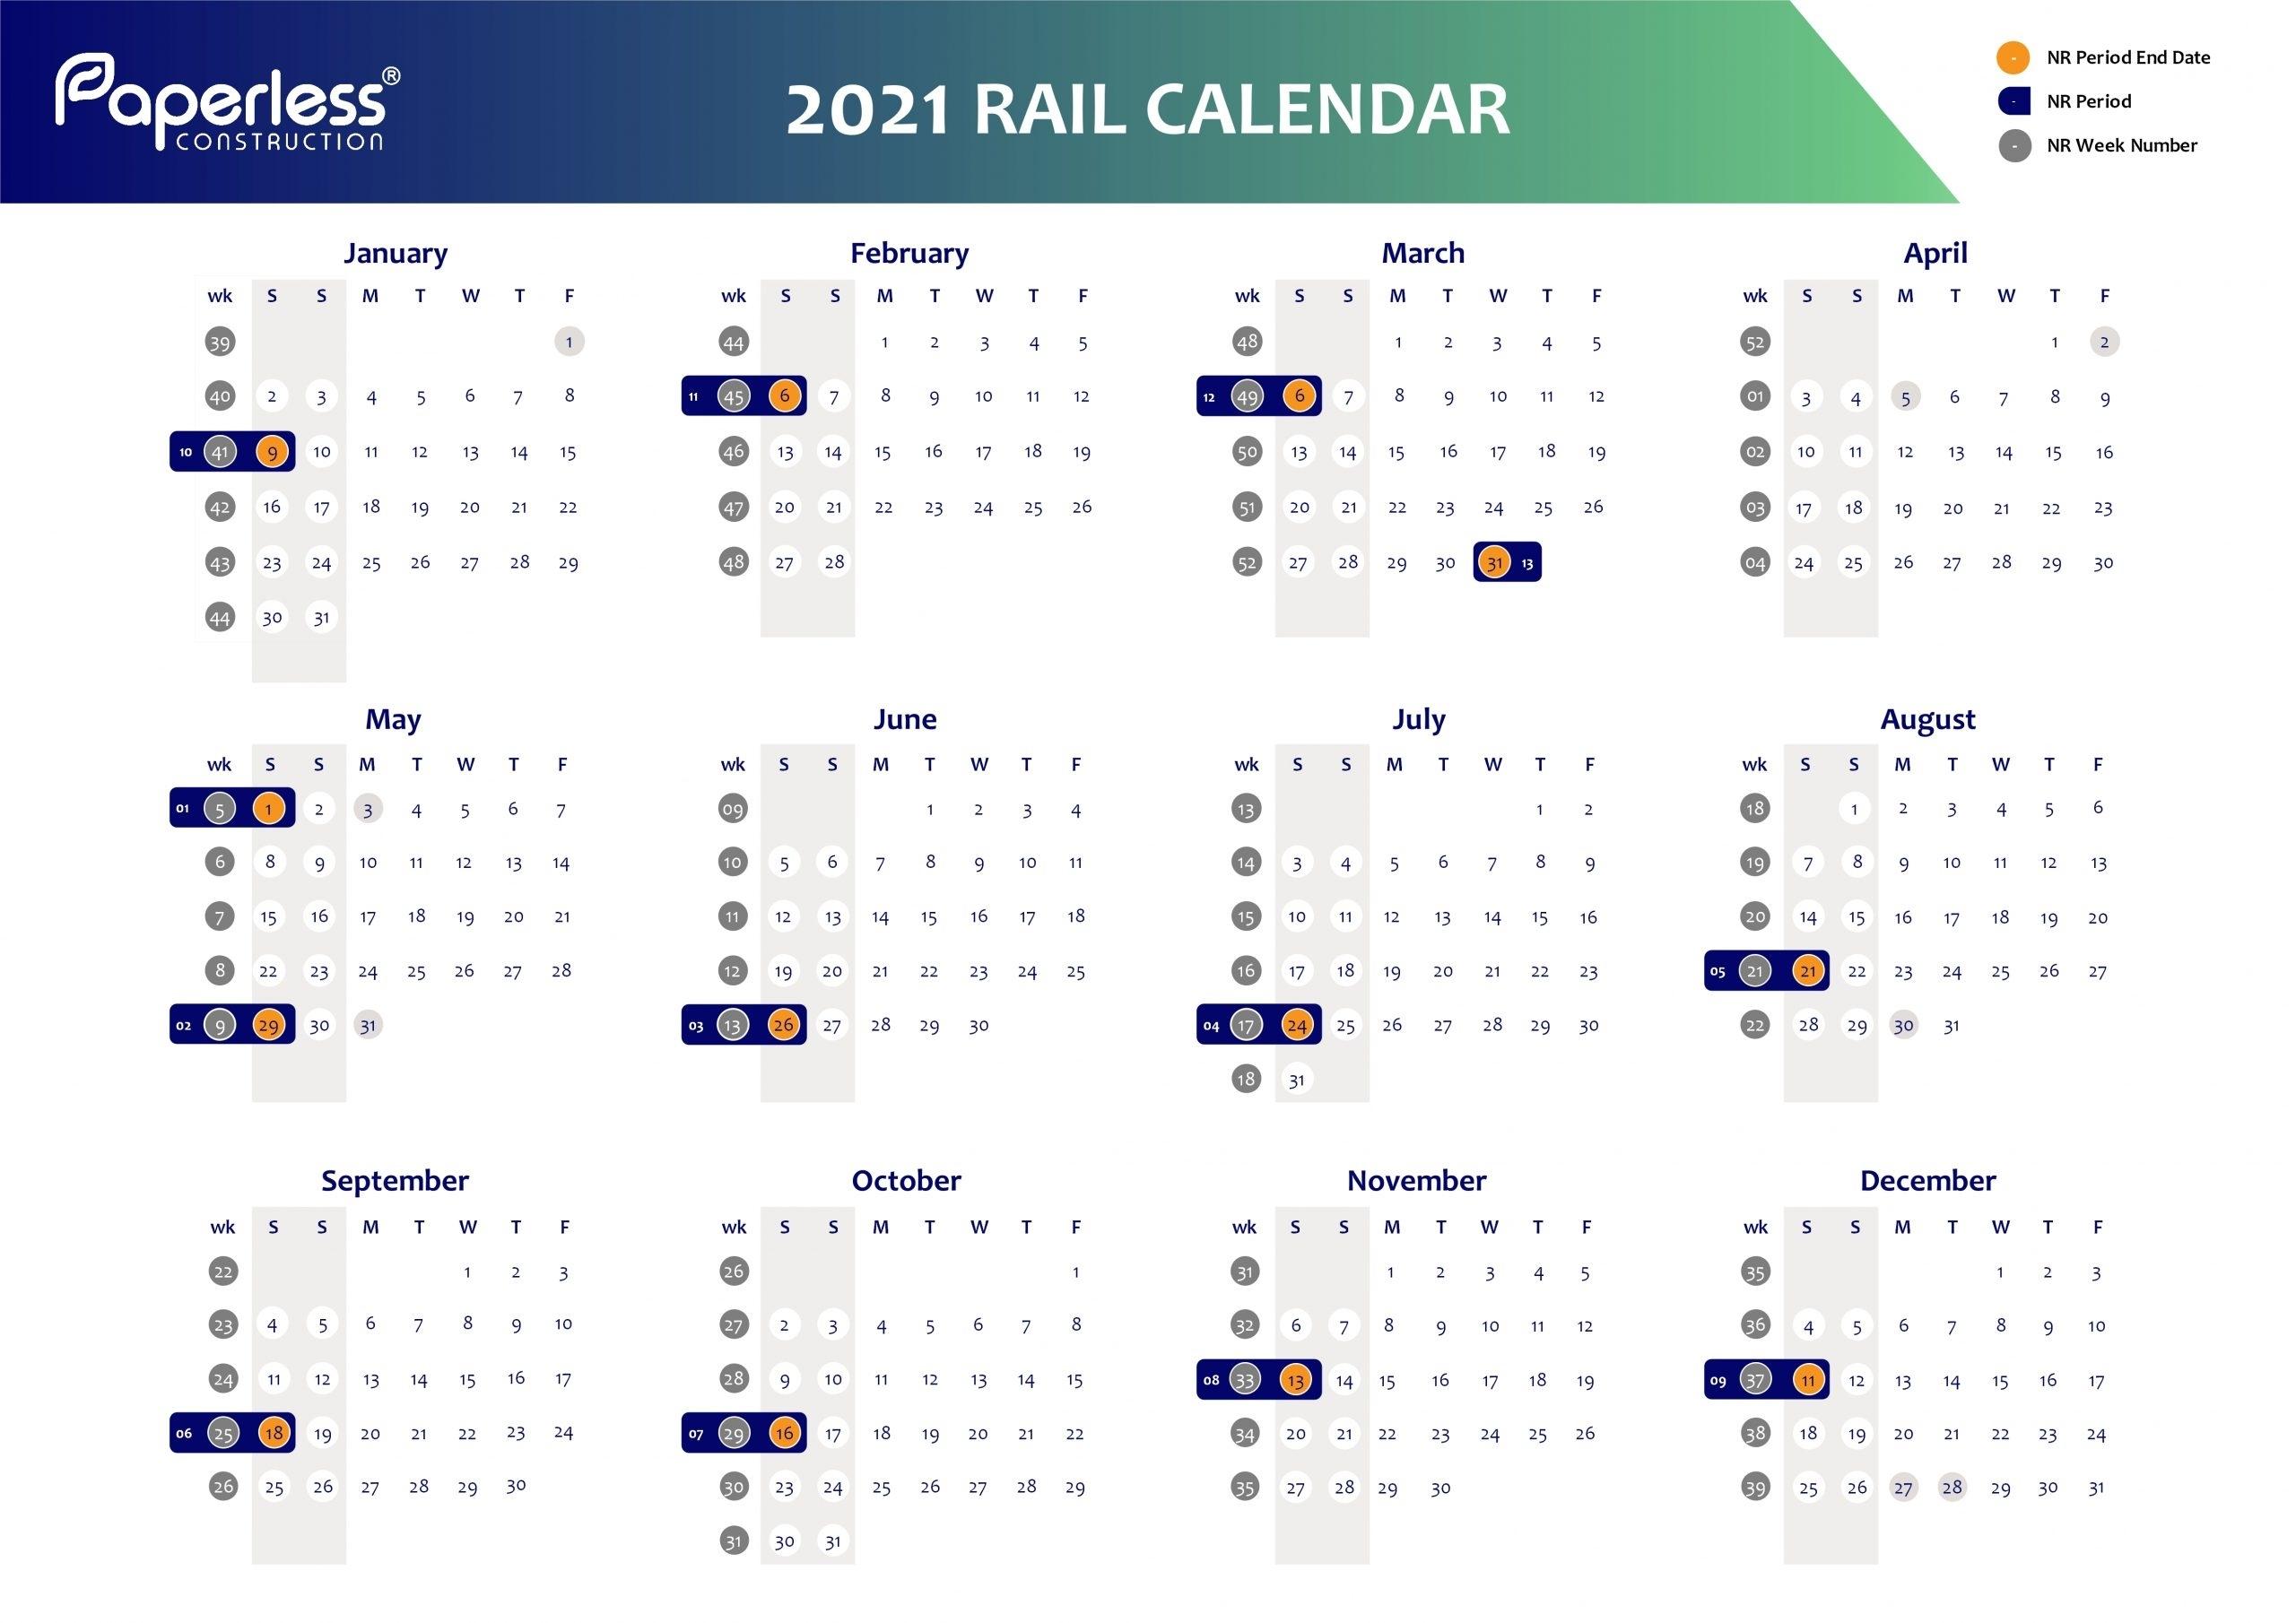 Pick Networkrail Week Numbers